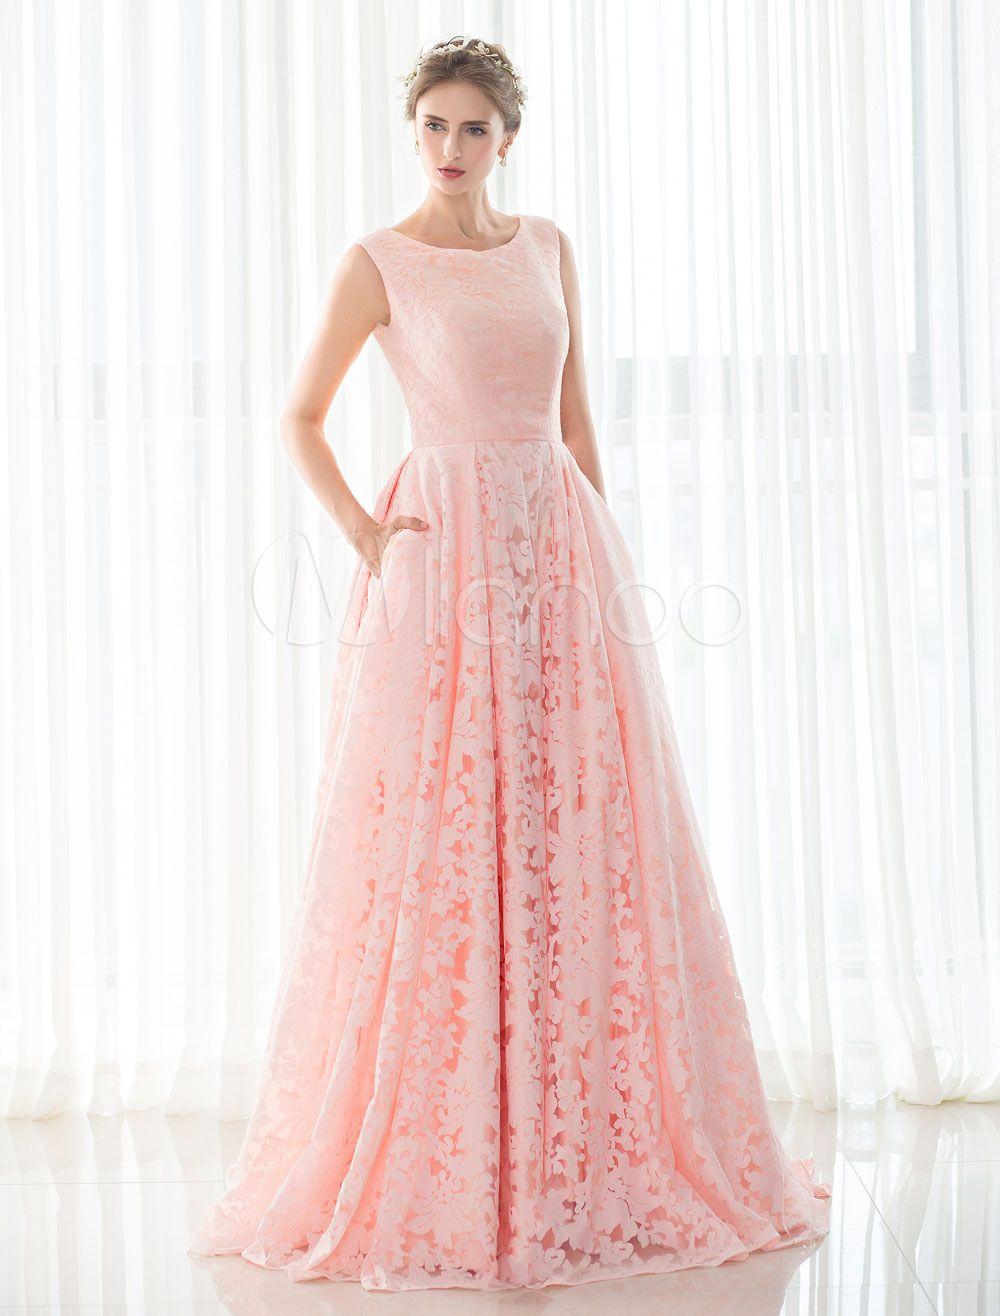 Increíble Vestidos De Novia Nh Bosquejo - Colección de Vestidos de ...